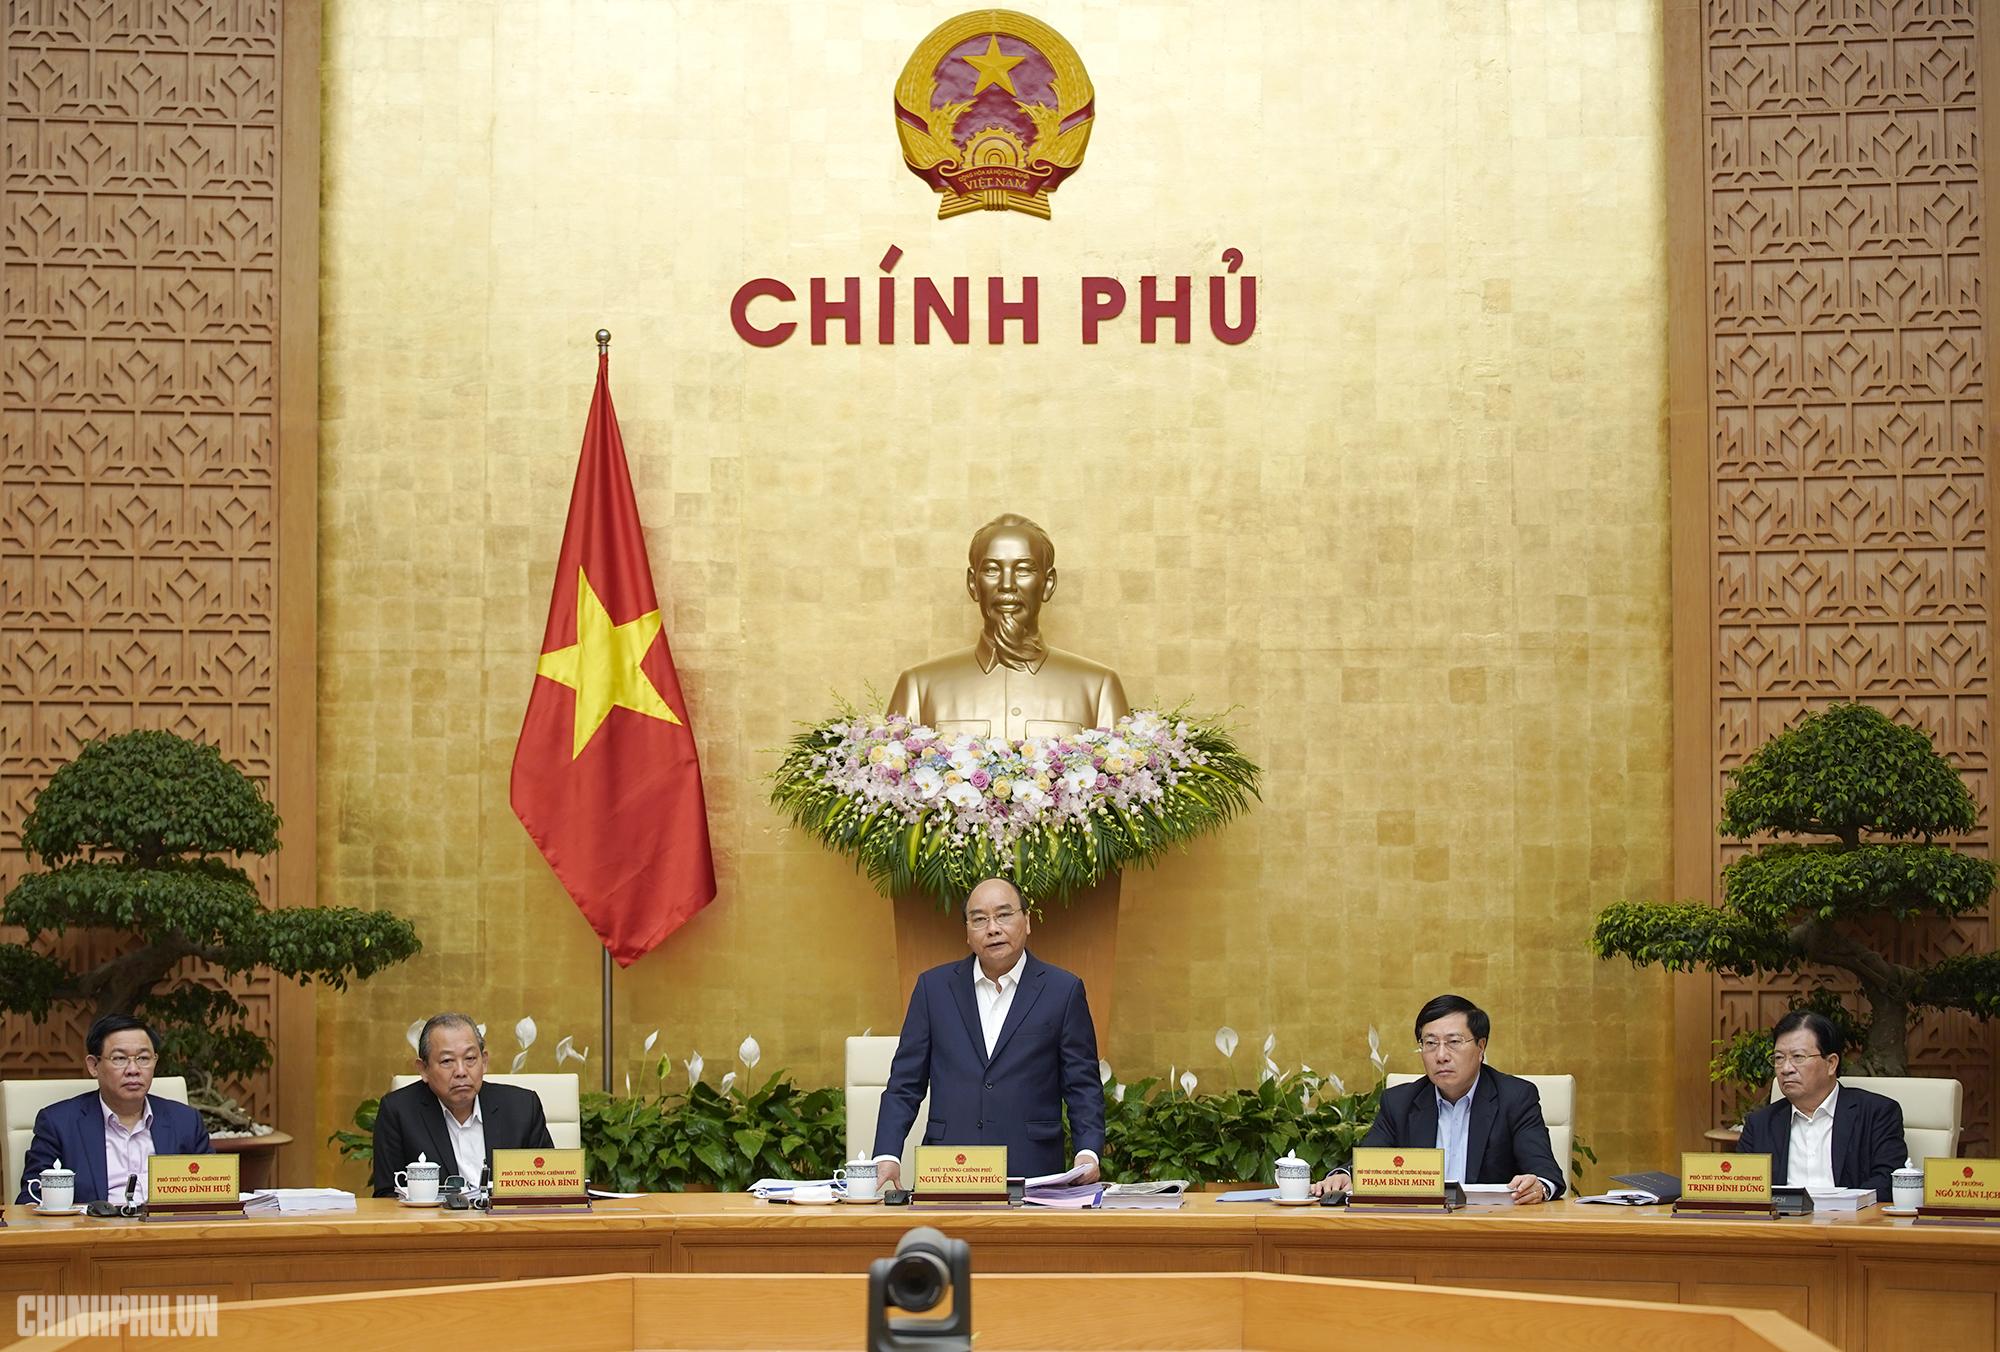 Thủ tướng chủ trì họp Chính phủ thường kỳ tháng 3